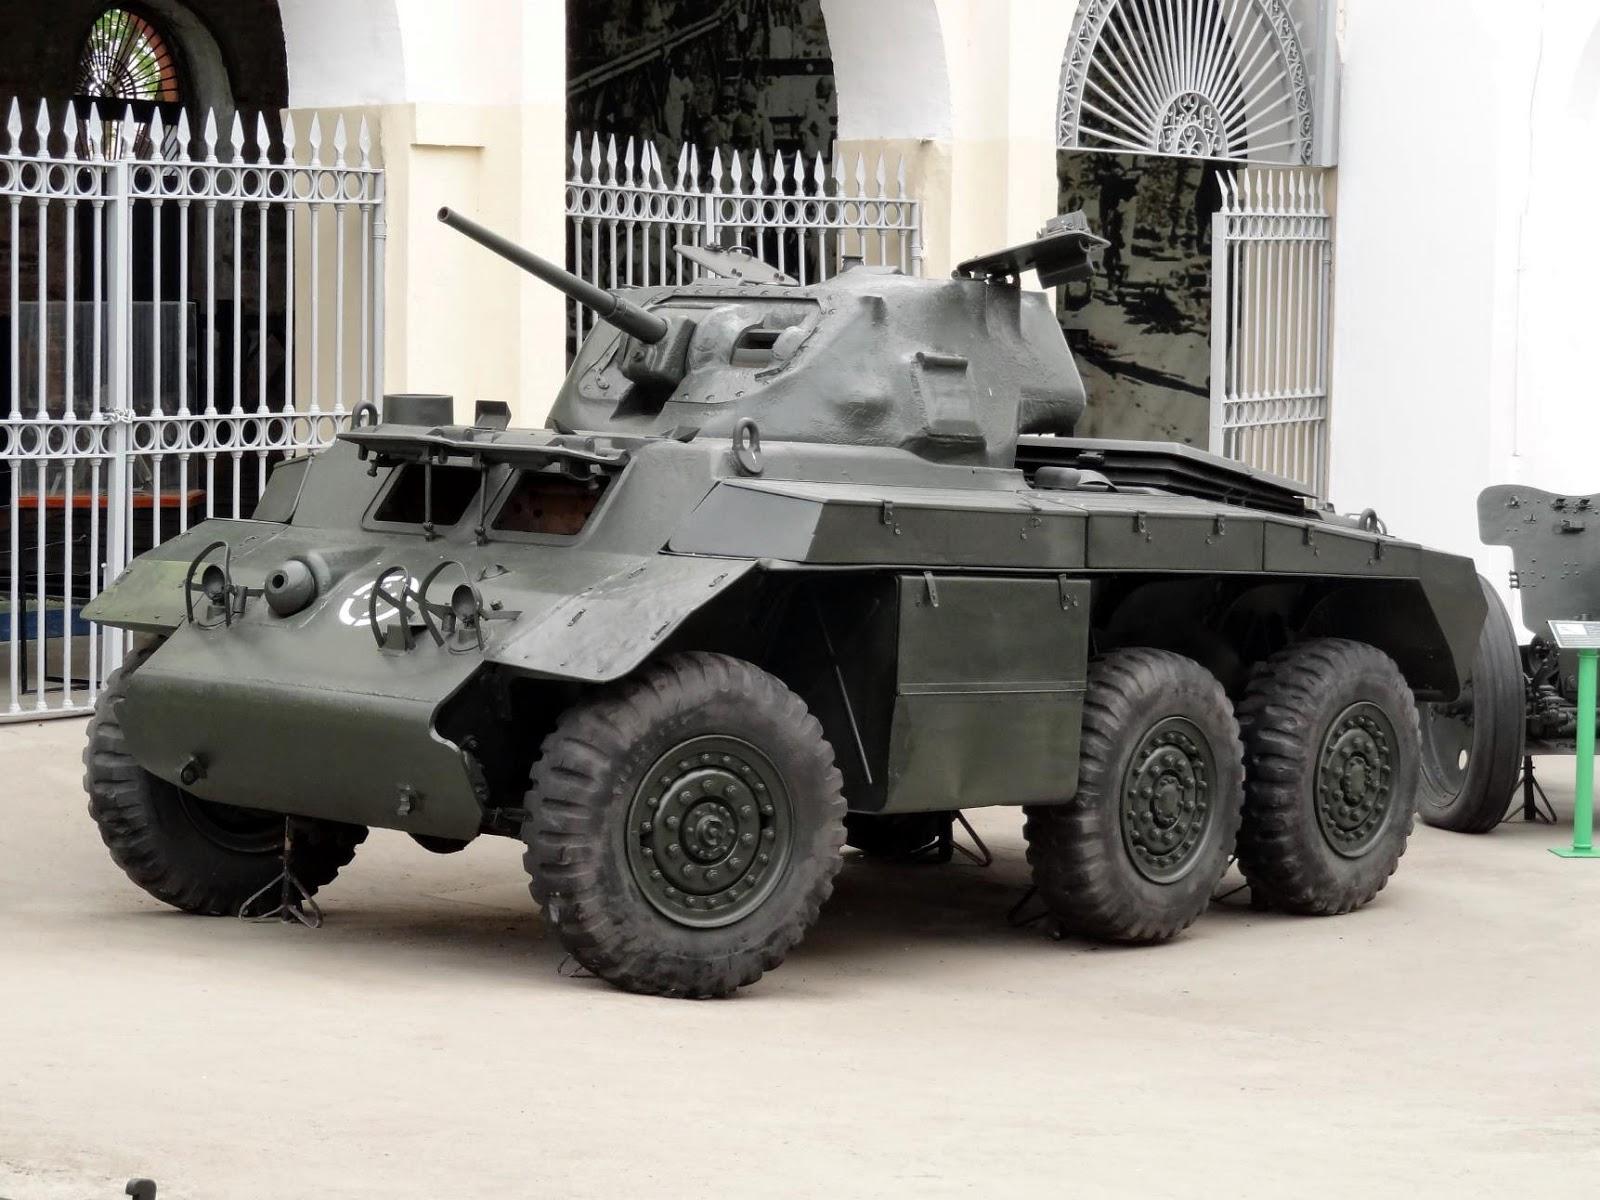 6x6 armored car concept - photo #21